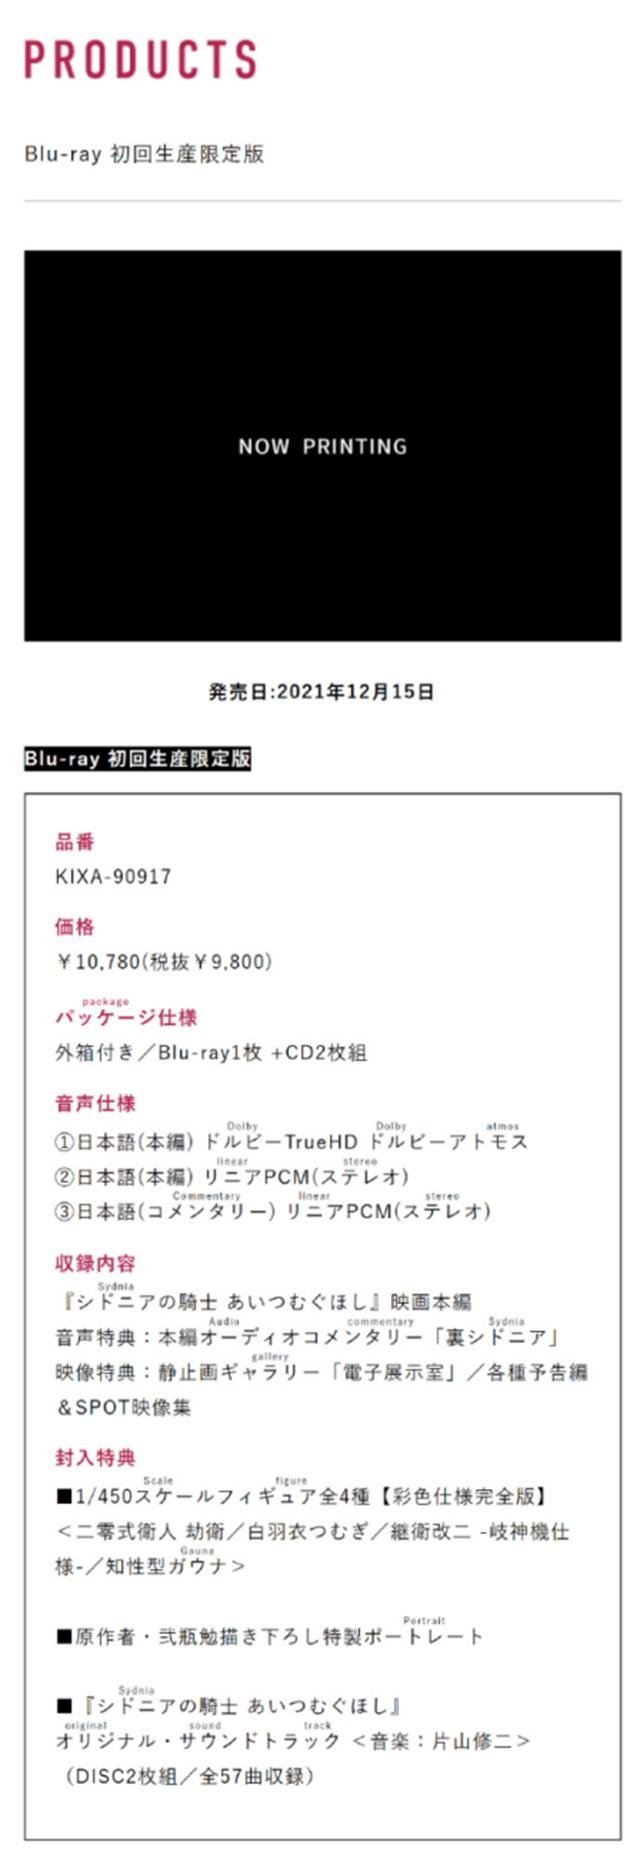 剧场版动画「希德尼娅的骑士 编织爱的行星」Blu-ray将于12月15日发售插图(1)